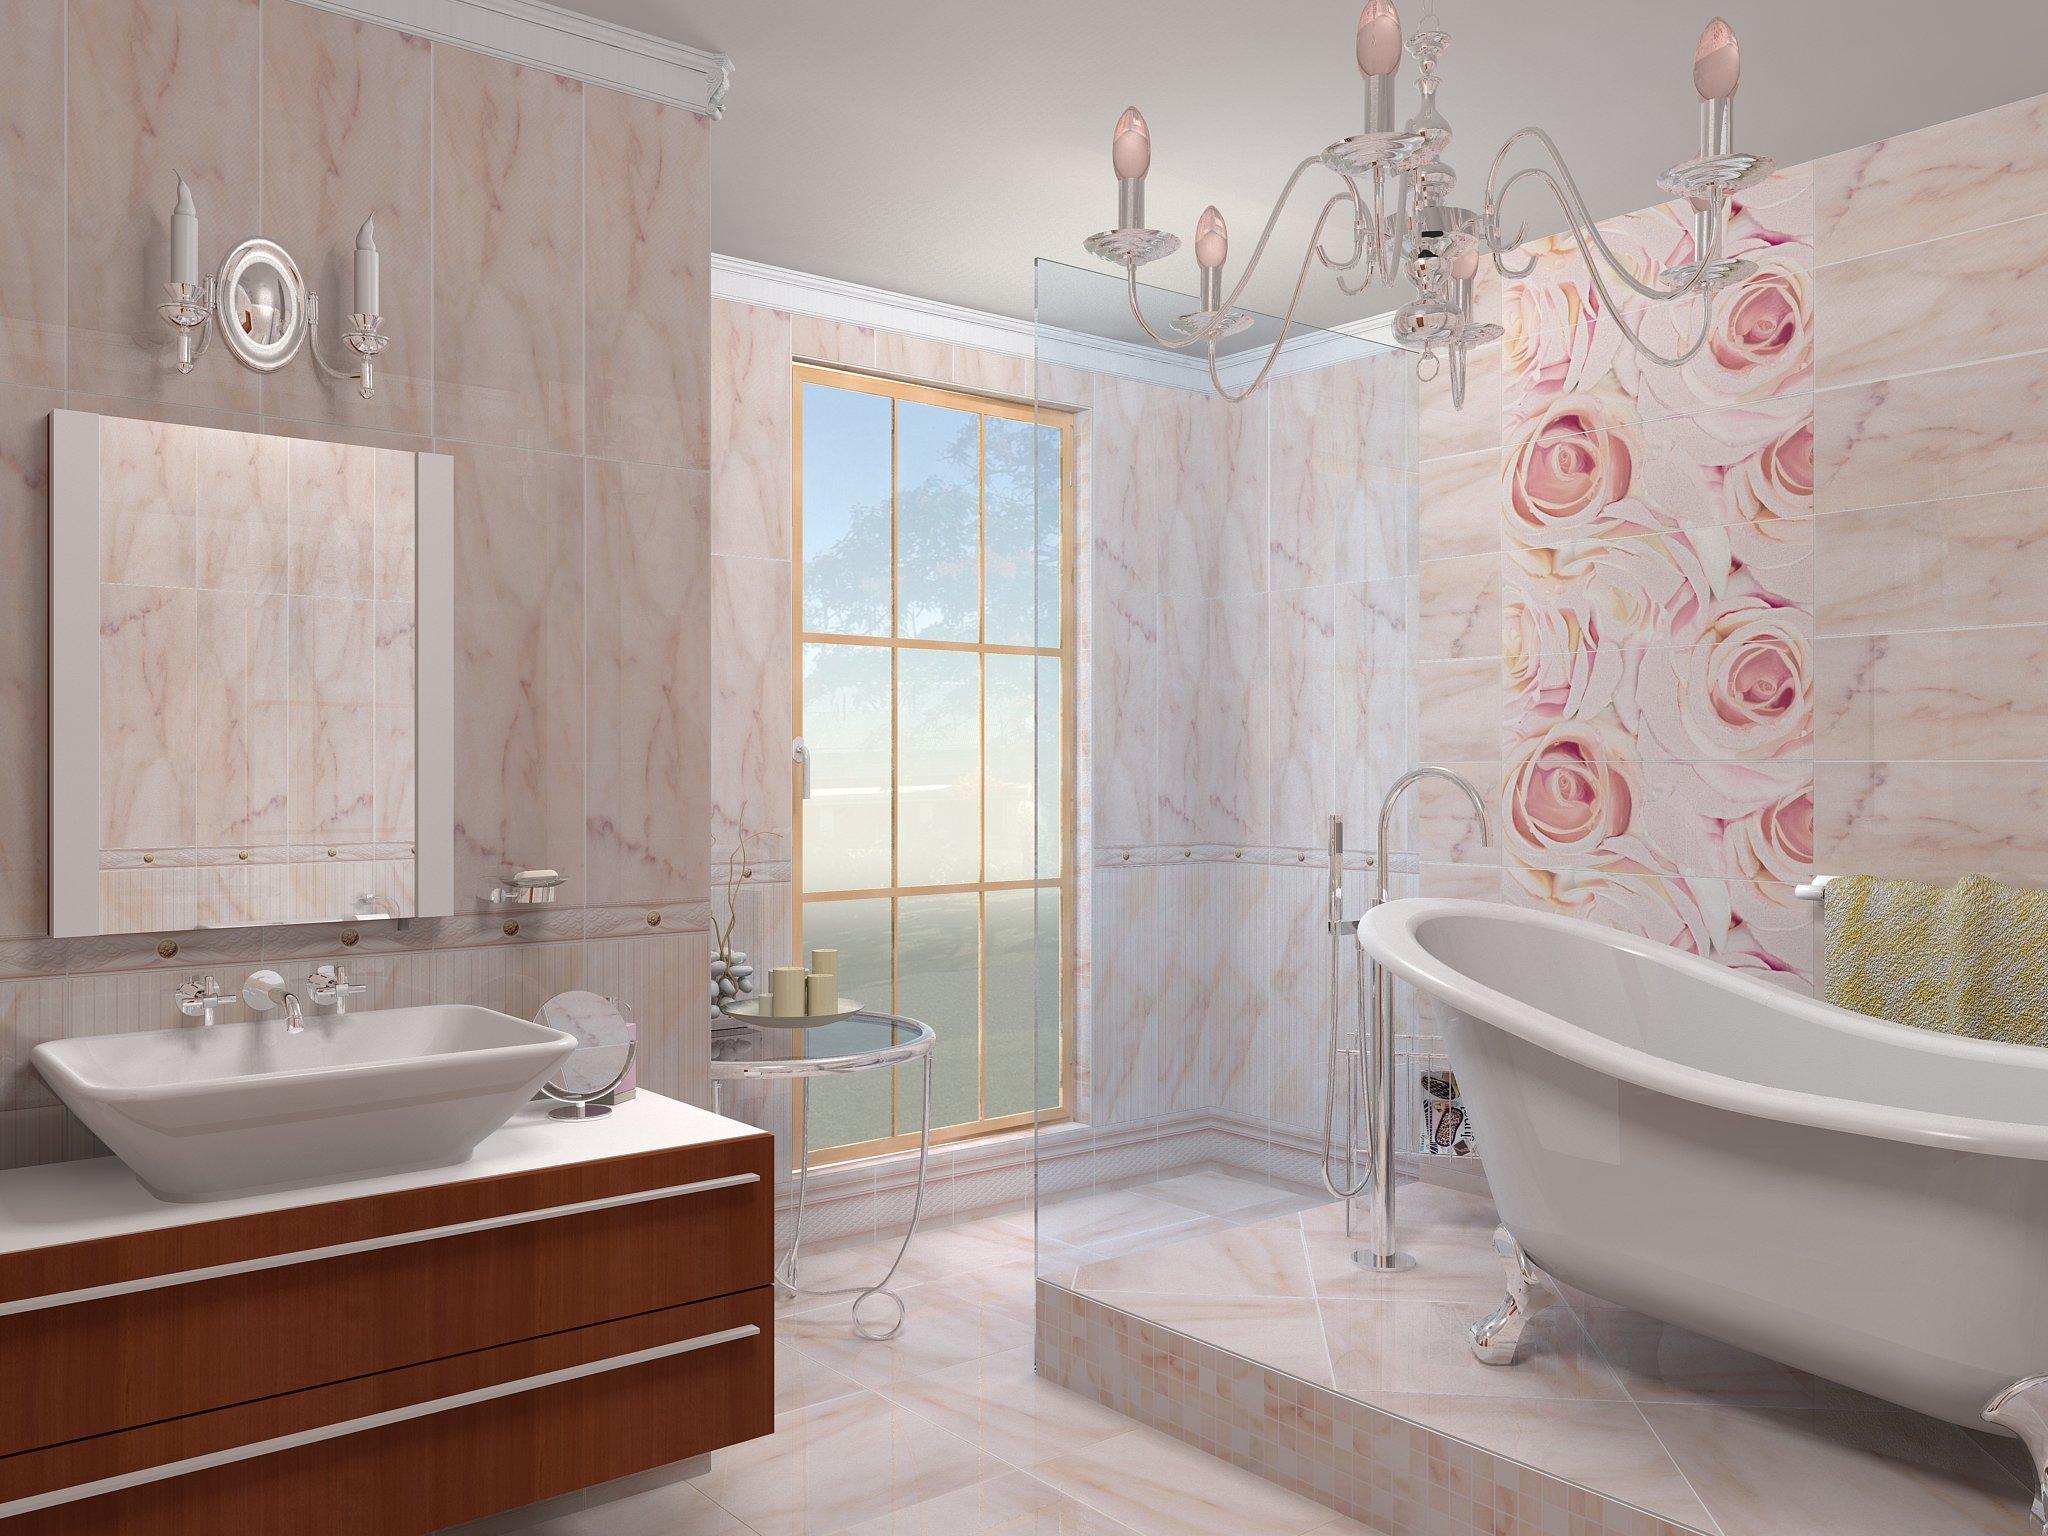 Сочетание бежевого и розового в дизайне ванной